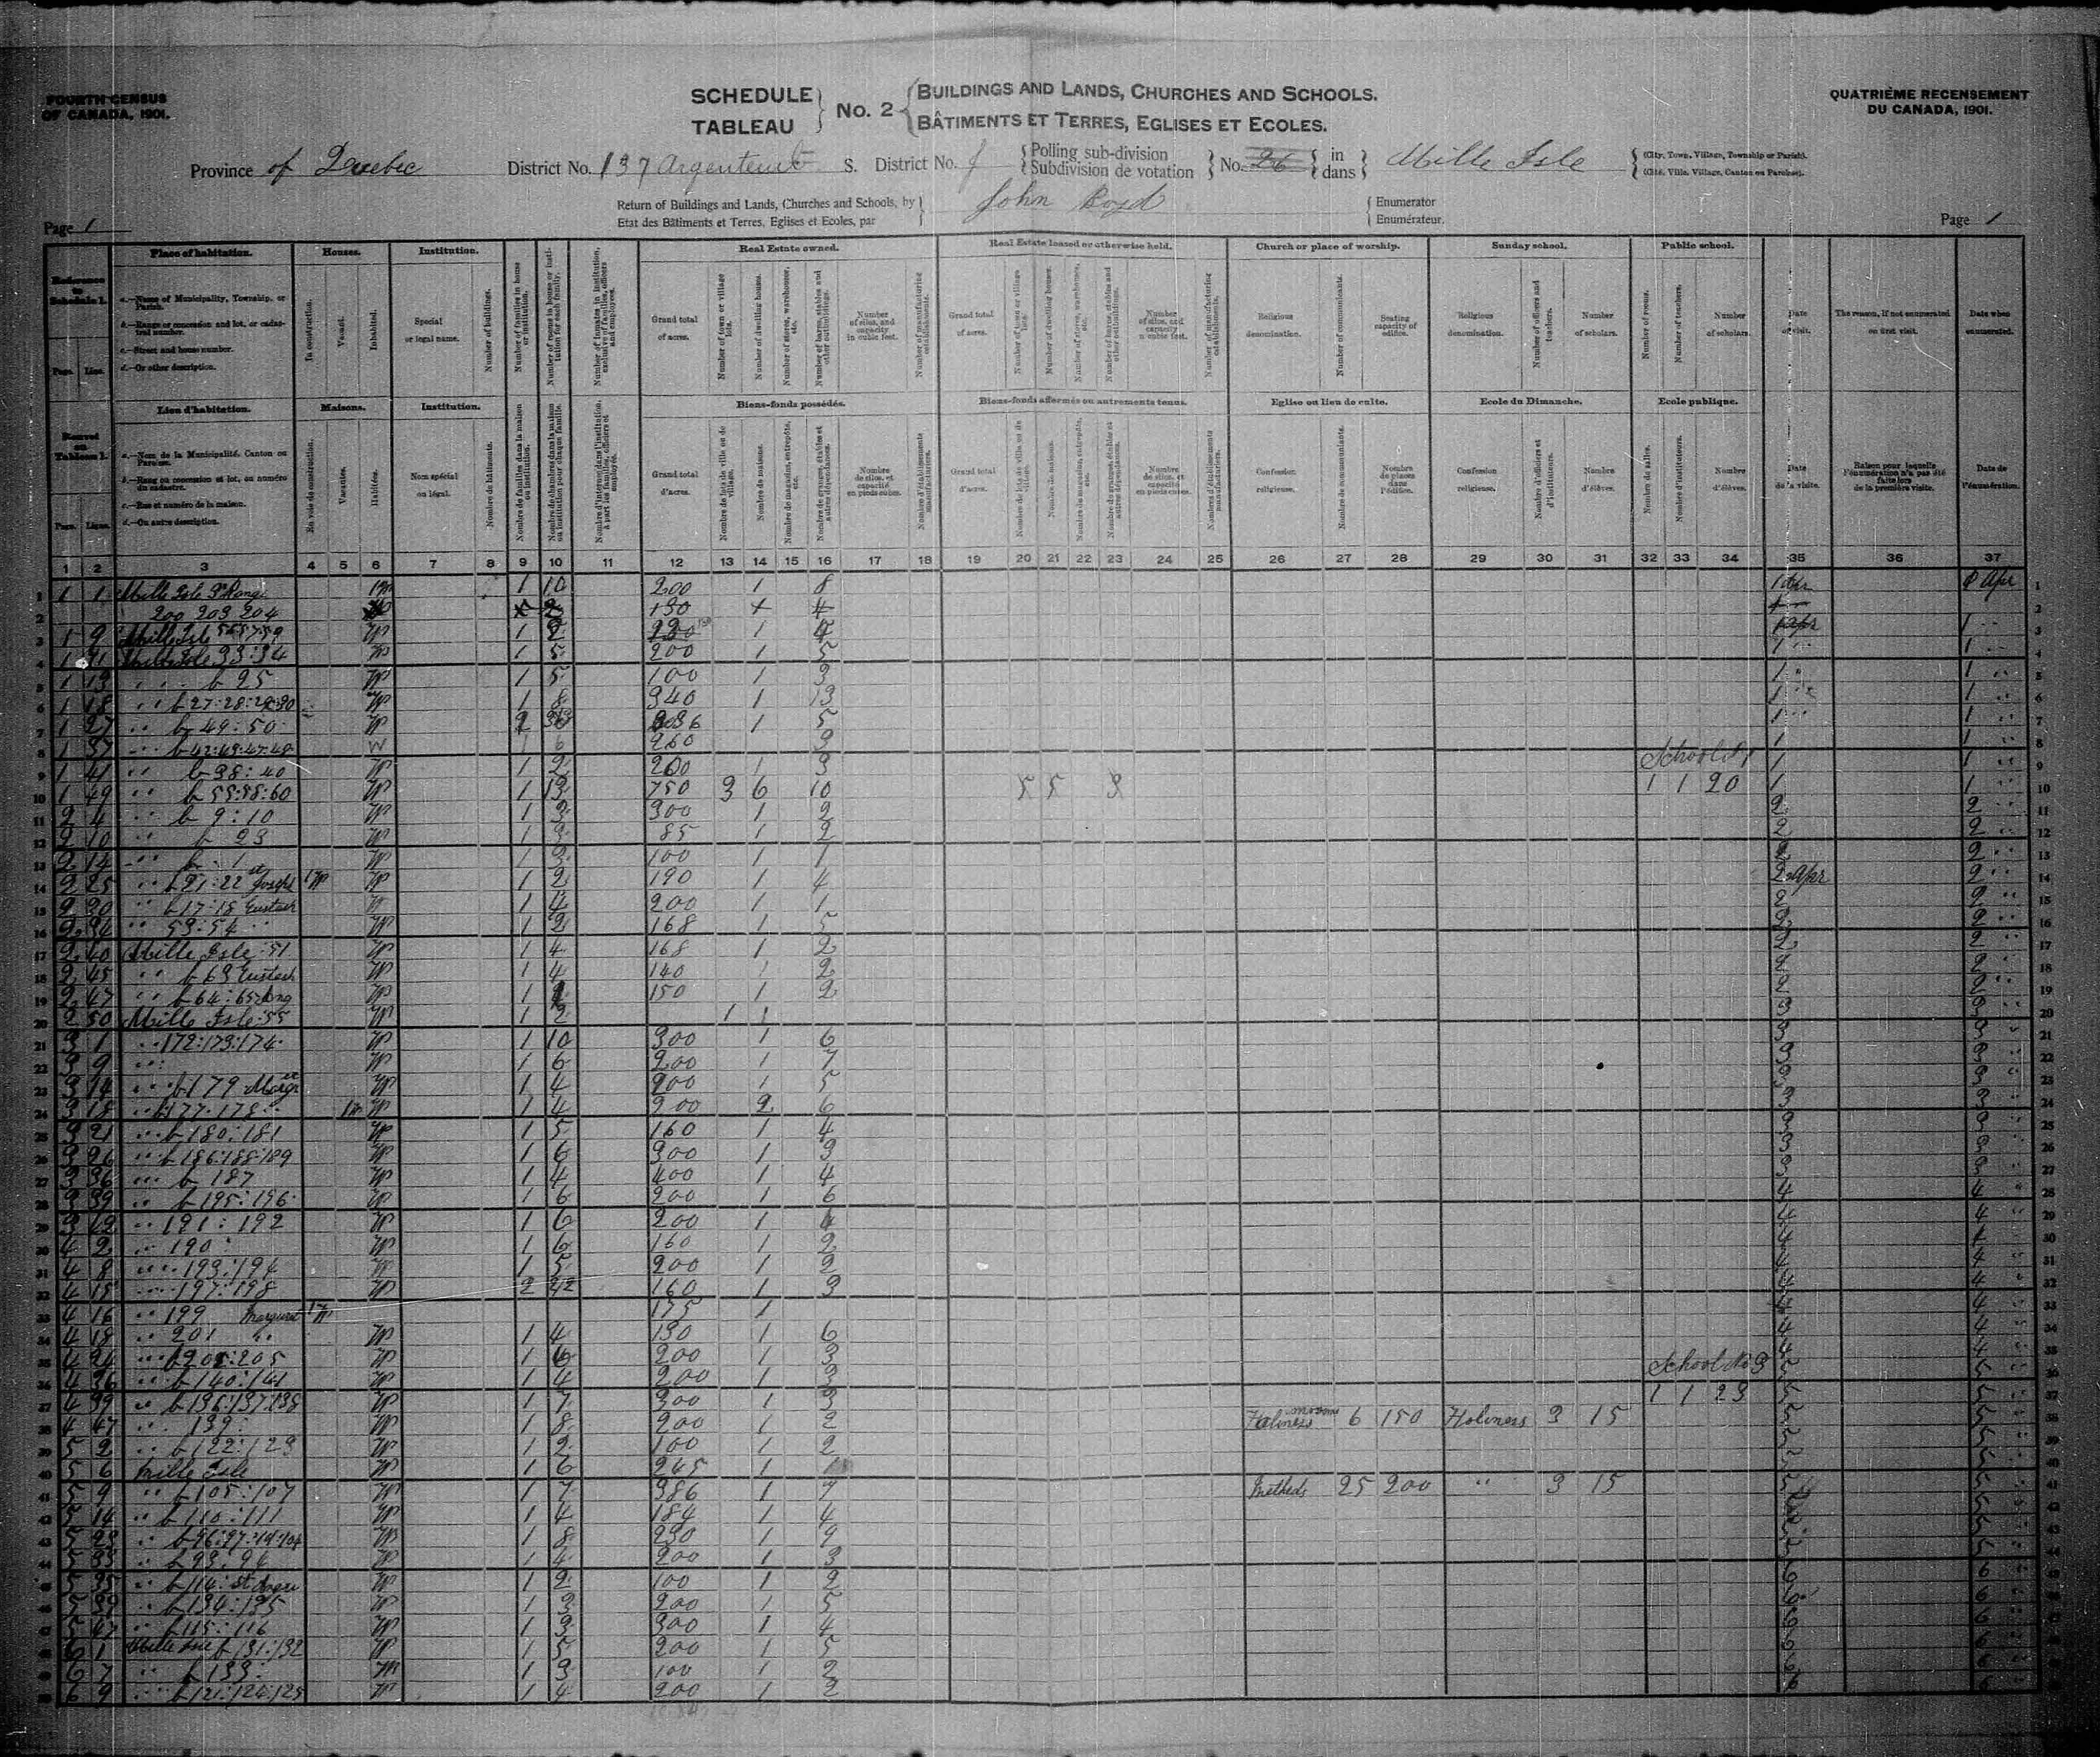 schedule a to z list